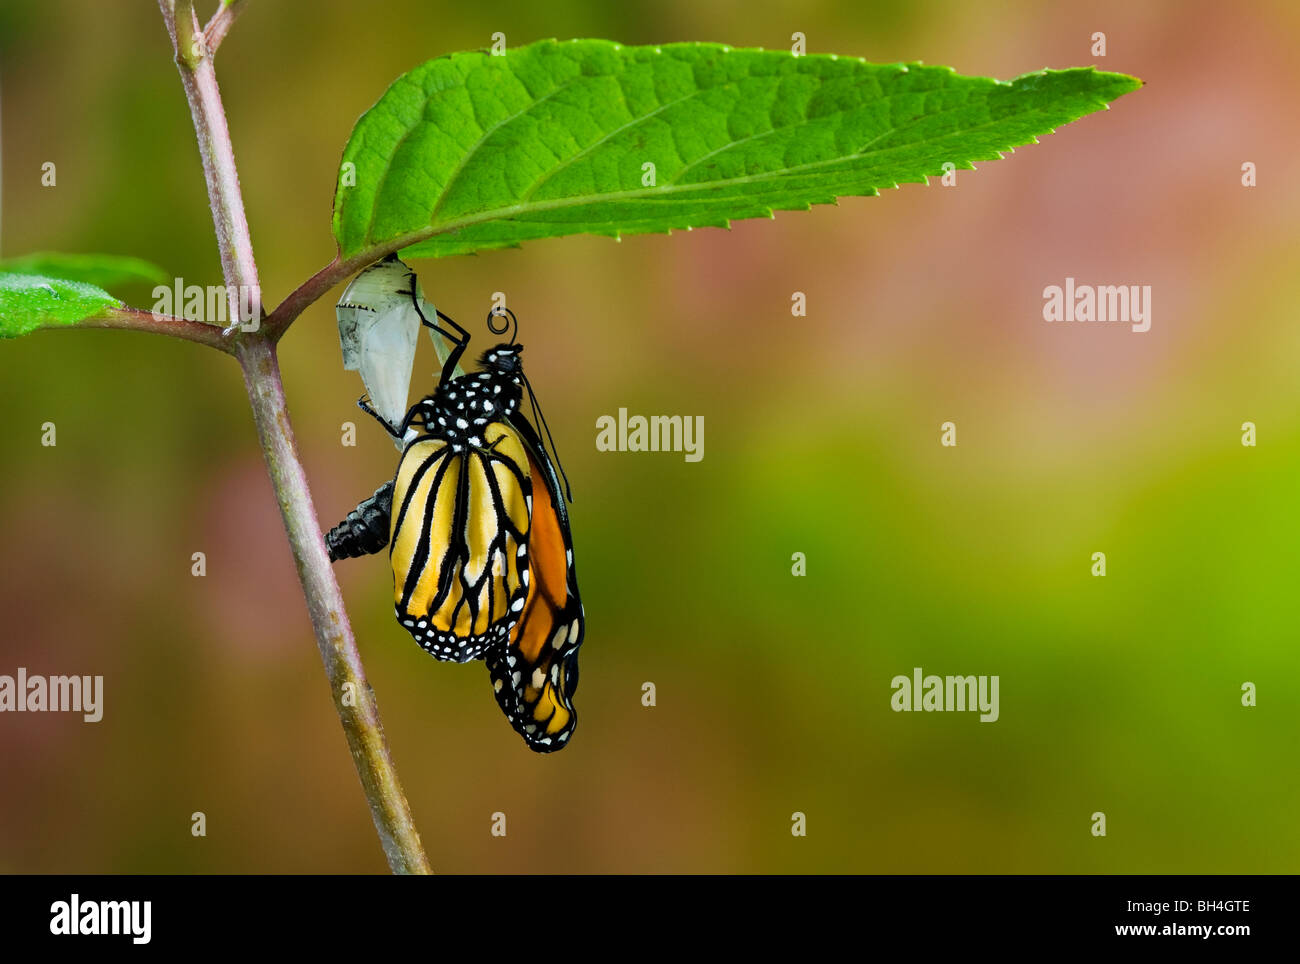 Le monarque est sorti de cocon, chrysalide vide, pompage de méconium abdomen en ailes, en Nouvelle-Écosse. Photo Stock